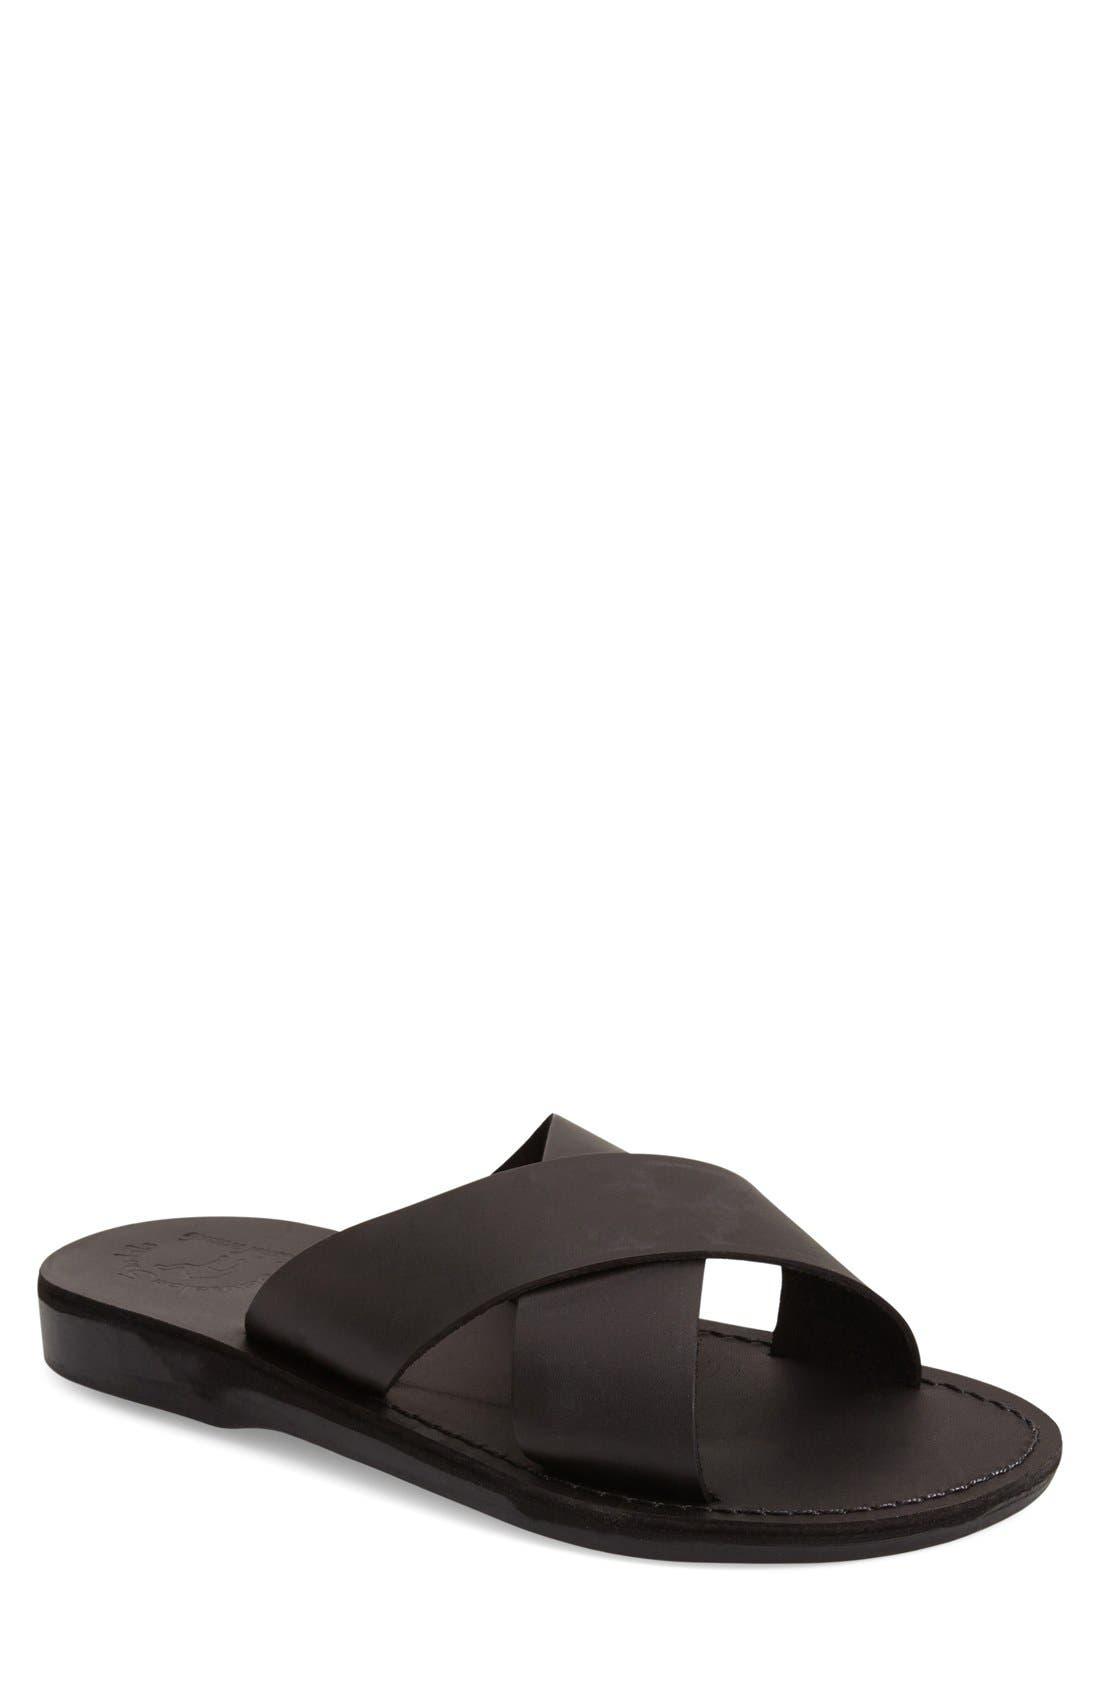 JERUSALEM SANDALS 'Elan' Slide Sandal, Main, color, BLACK LEATHER